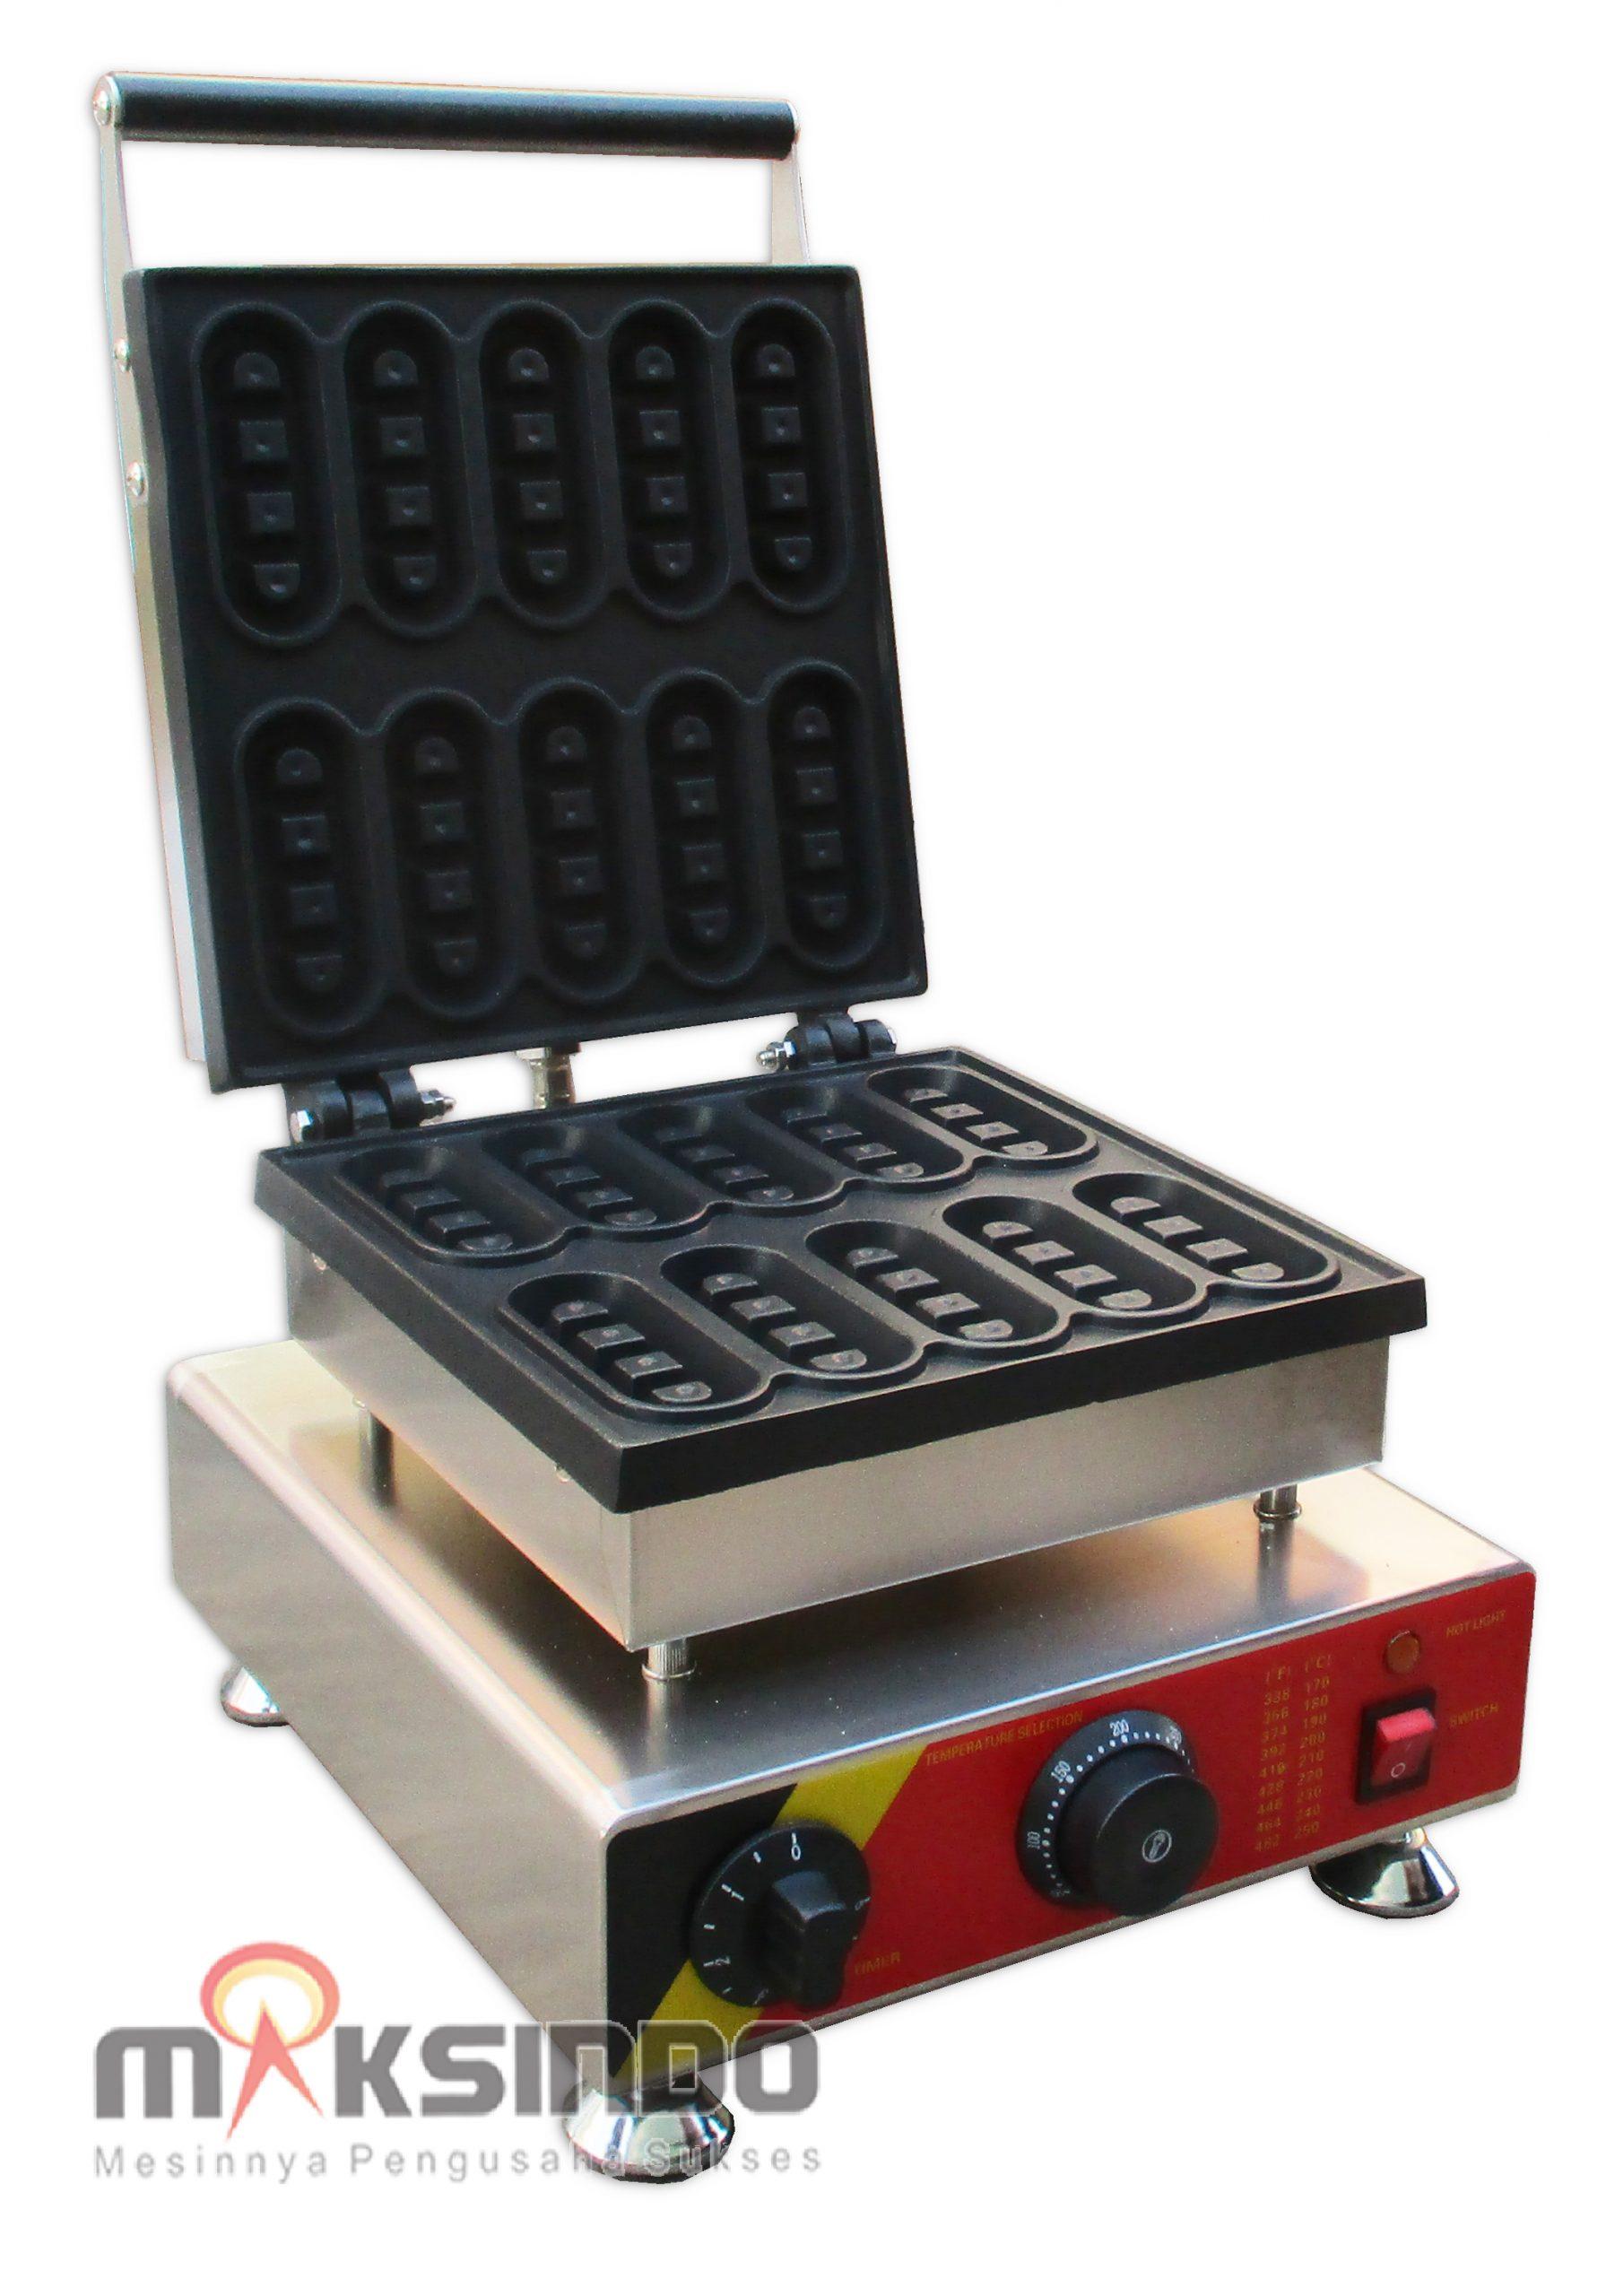 Jual Mesin Waffle Maker MKS-SNKC6 di Bogor